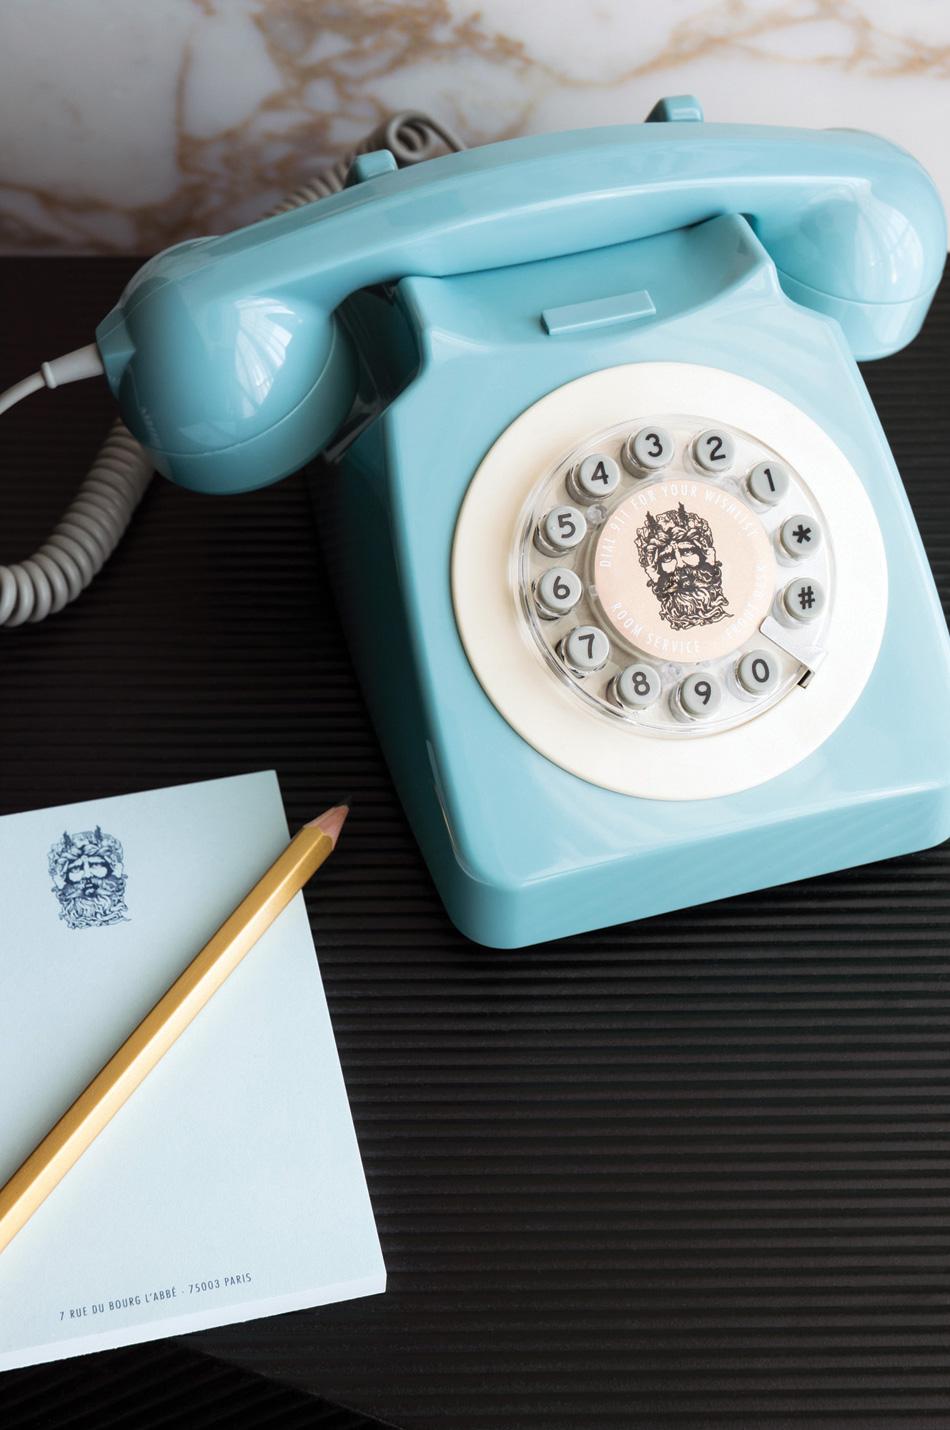 LES-BAINS-phone-1-Crédit-Photo-Guillaume-Grasset